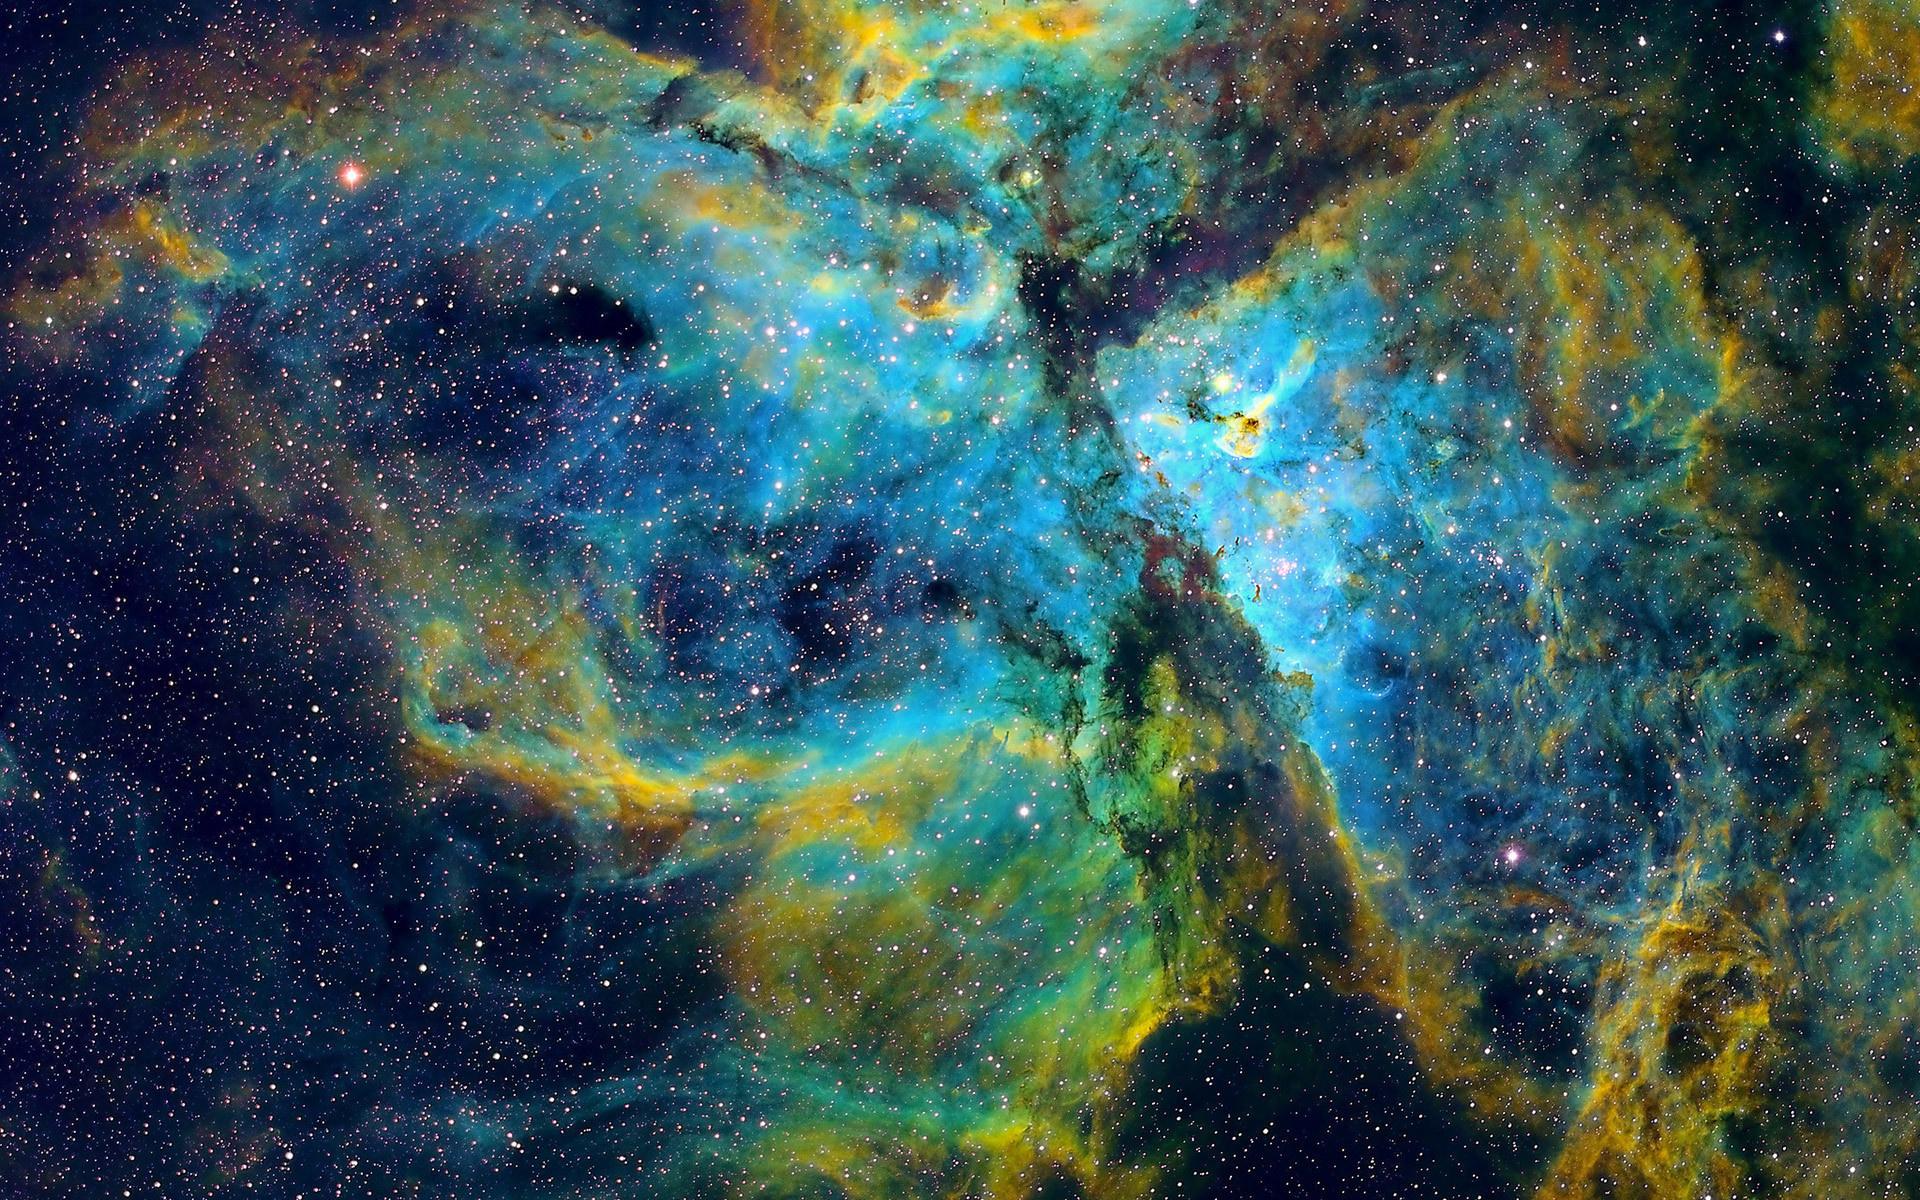 Вселенная космос картинки, чемпиону